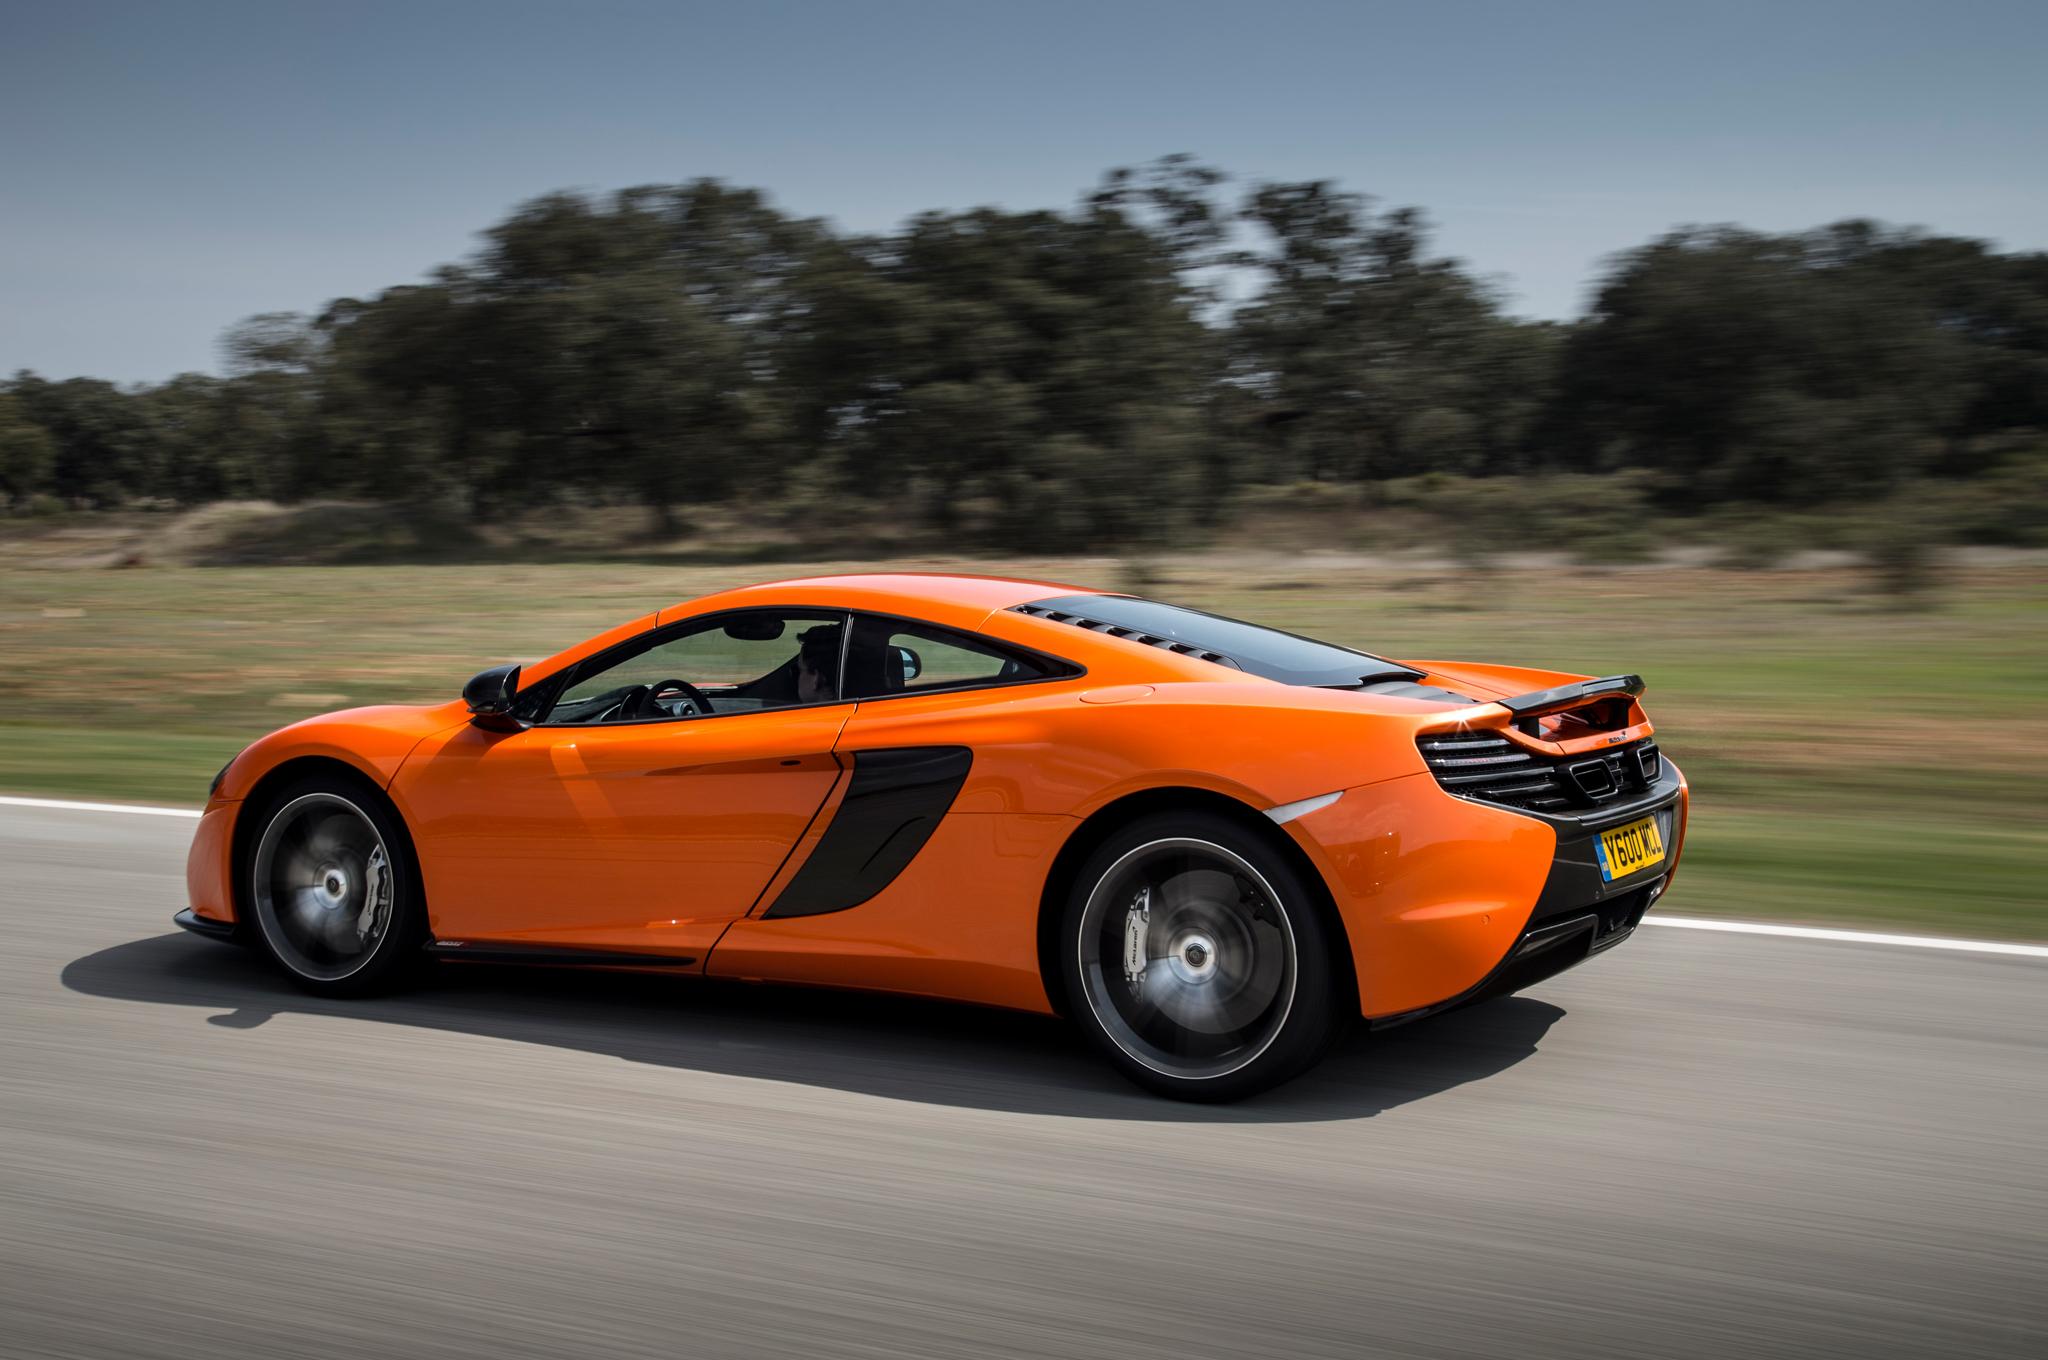 2015 McLaren 650S Side View